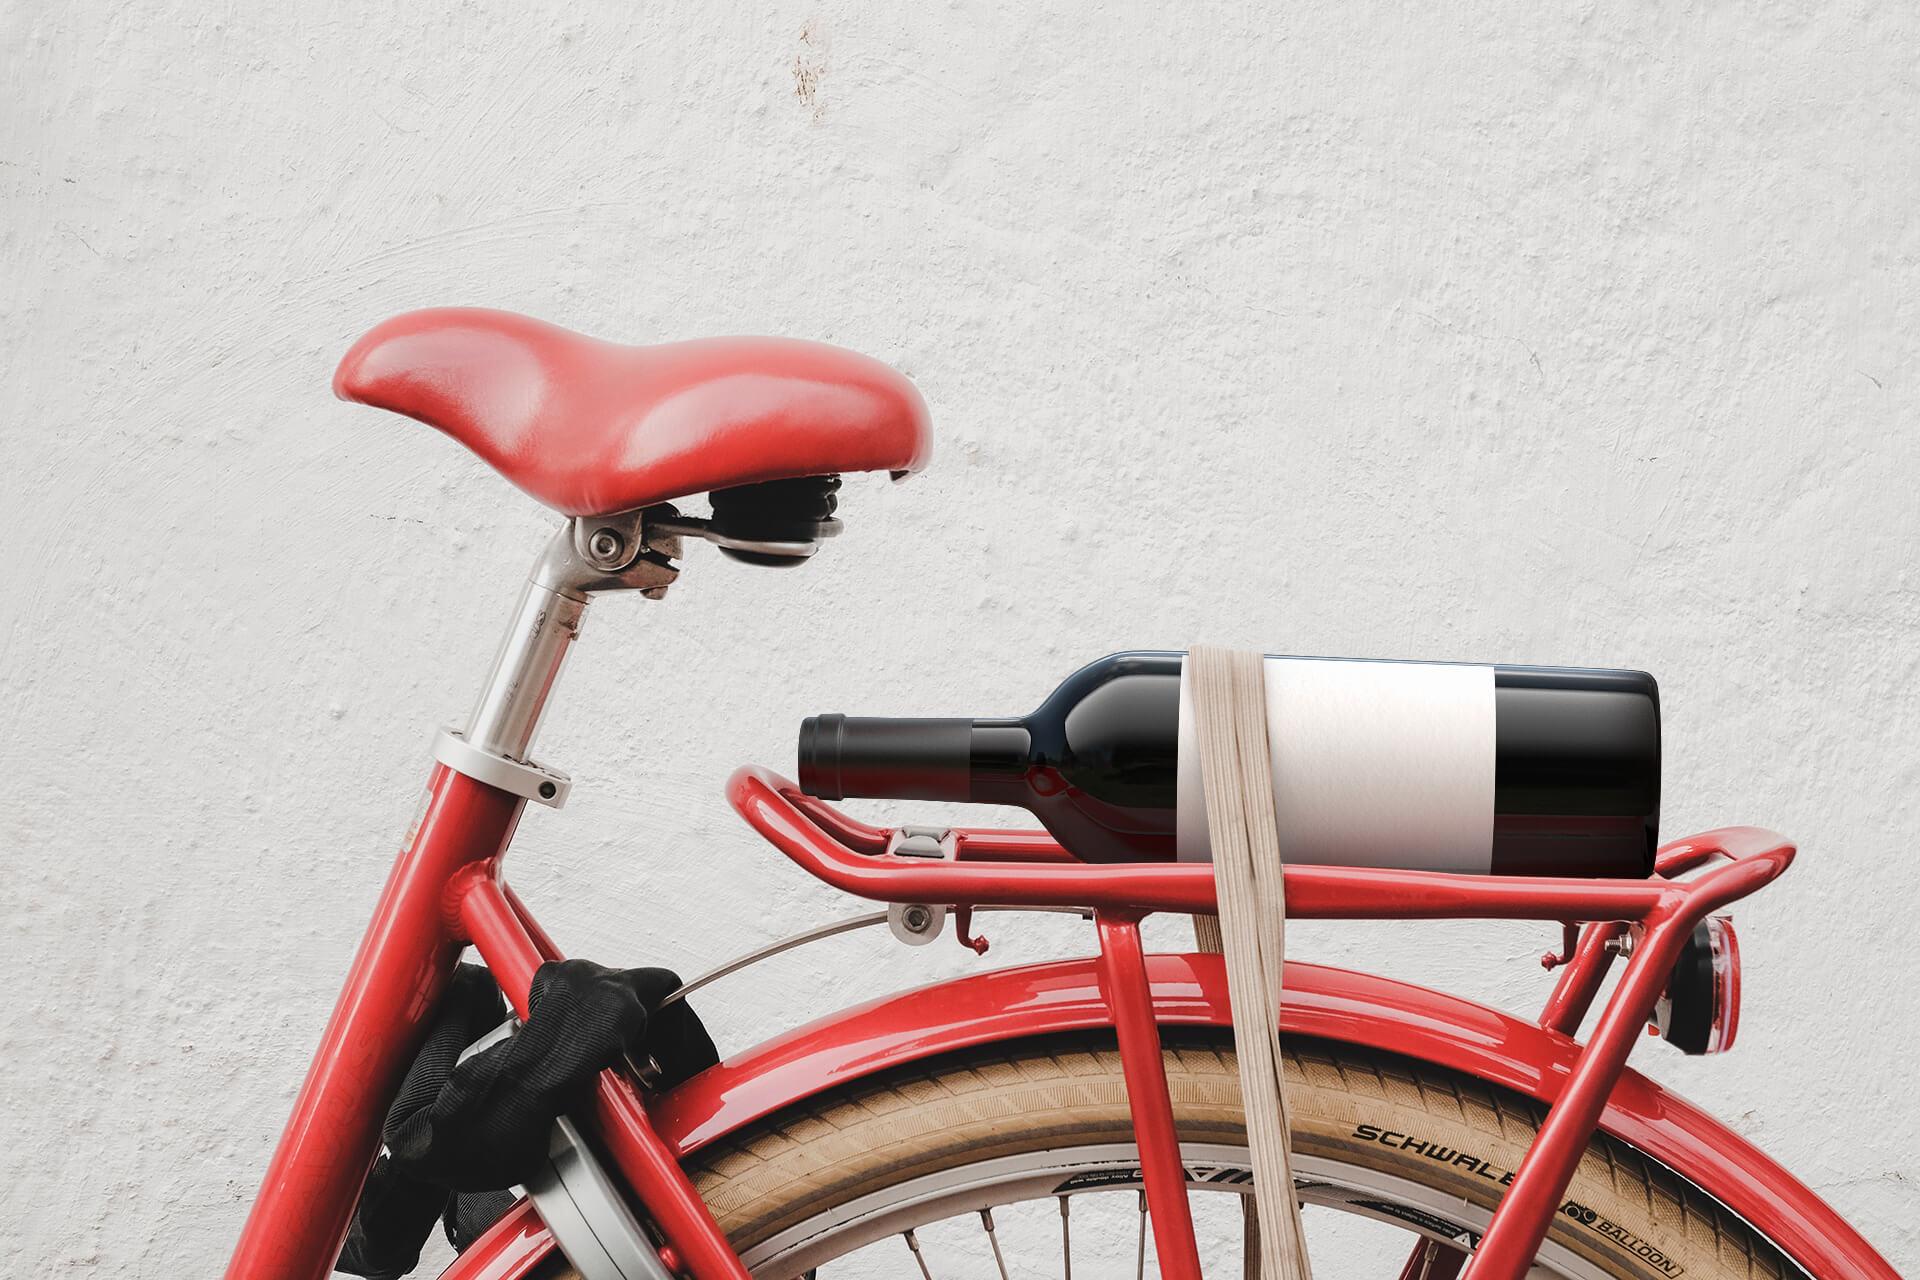 On a red bike